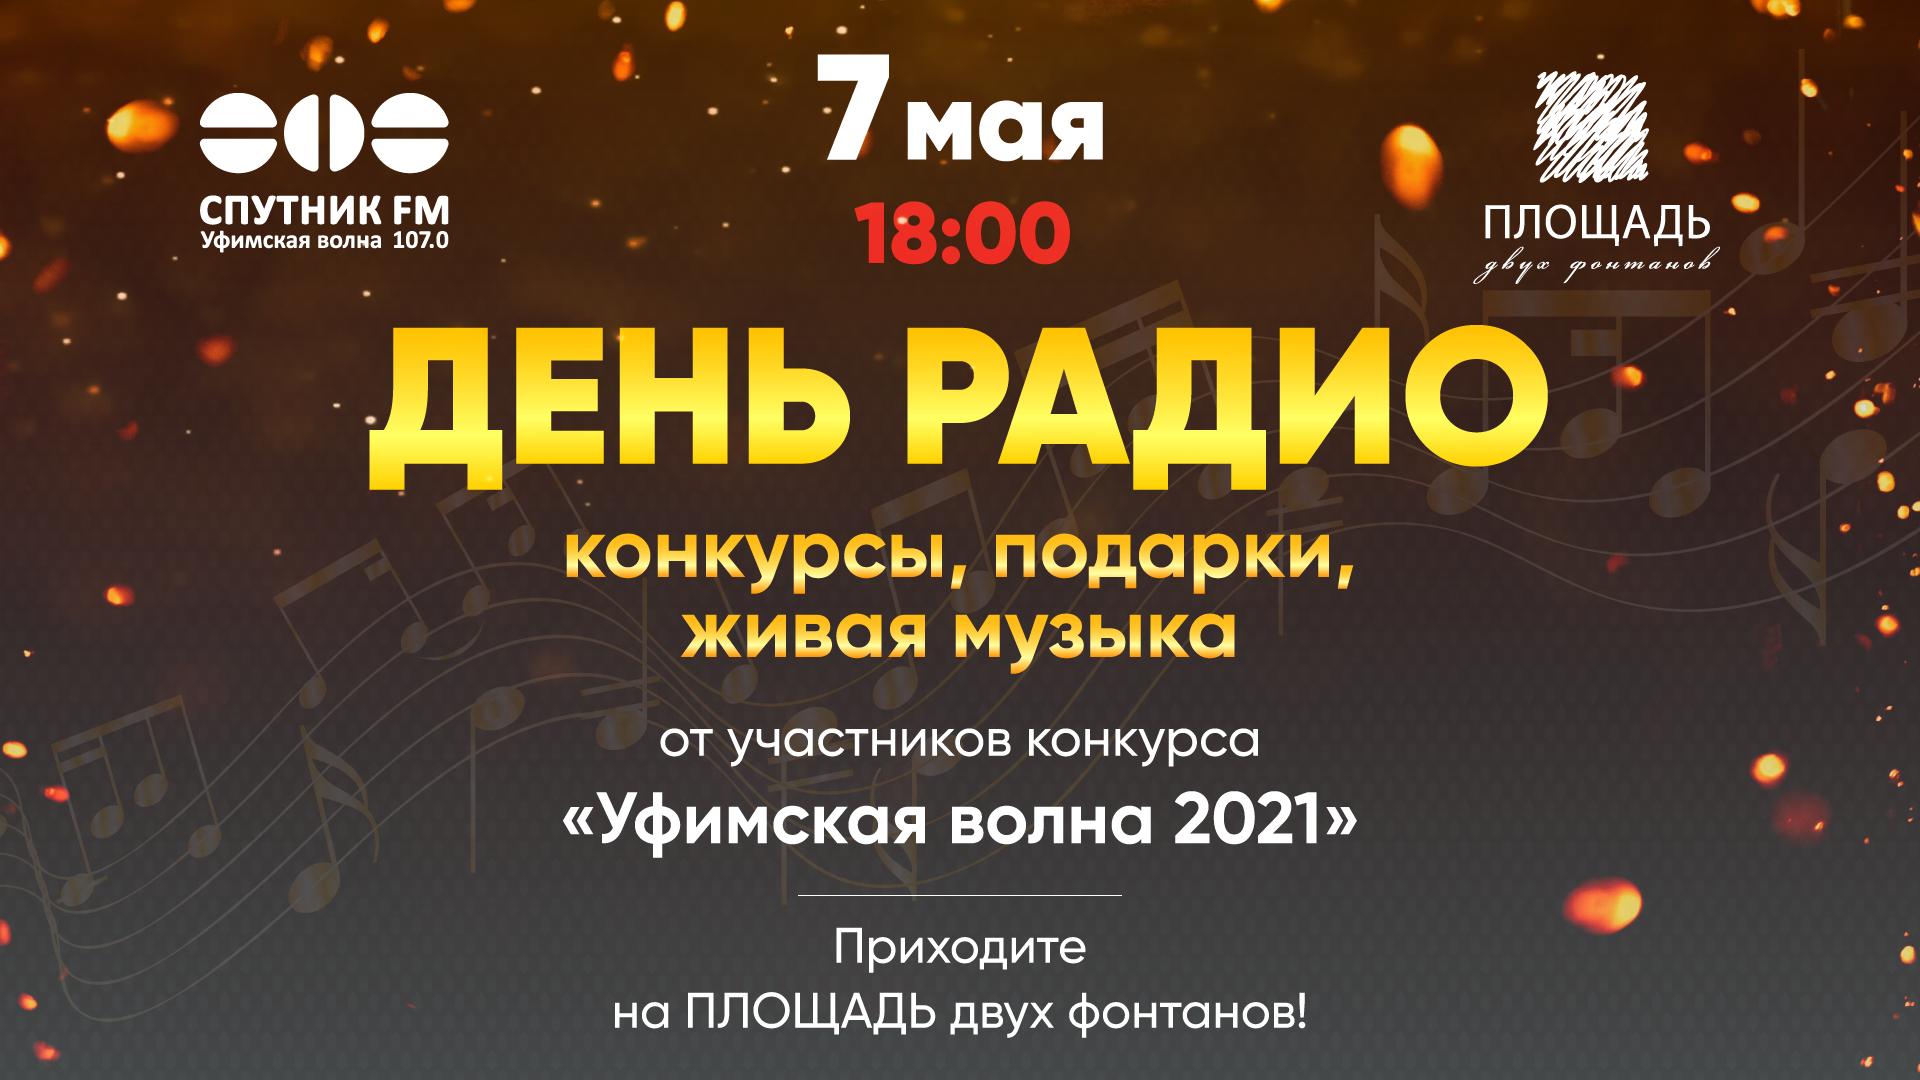 """В День радио на сцену выйдут новые участники """"Уфимской Волны 2021"""""""